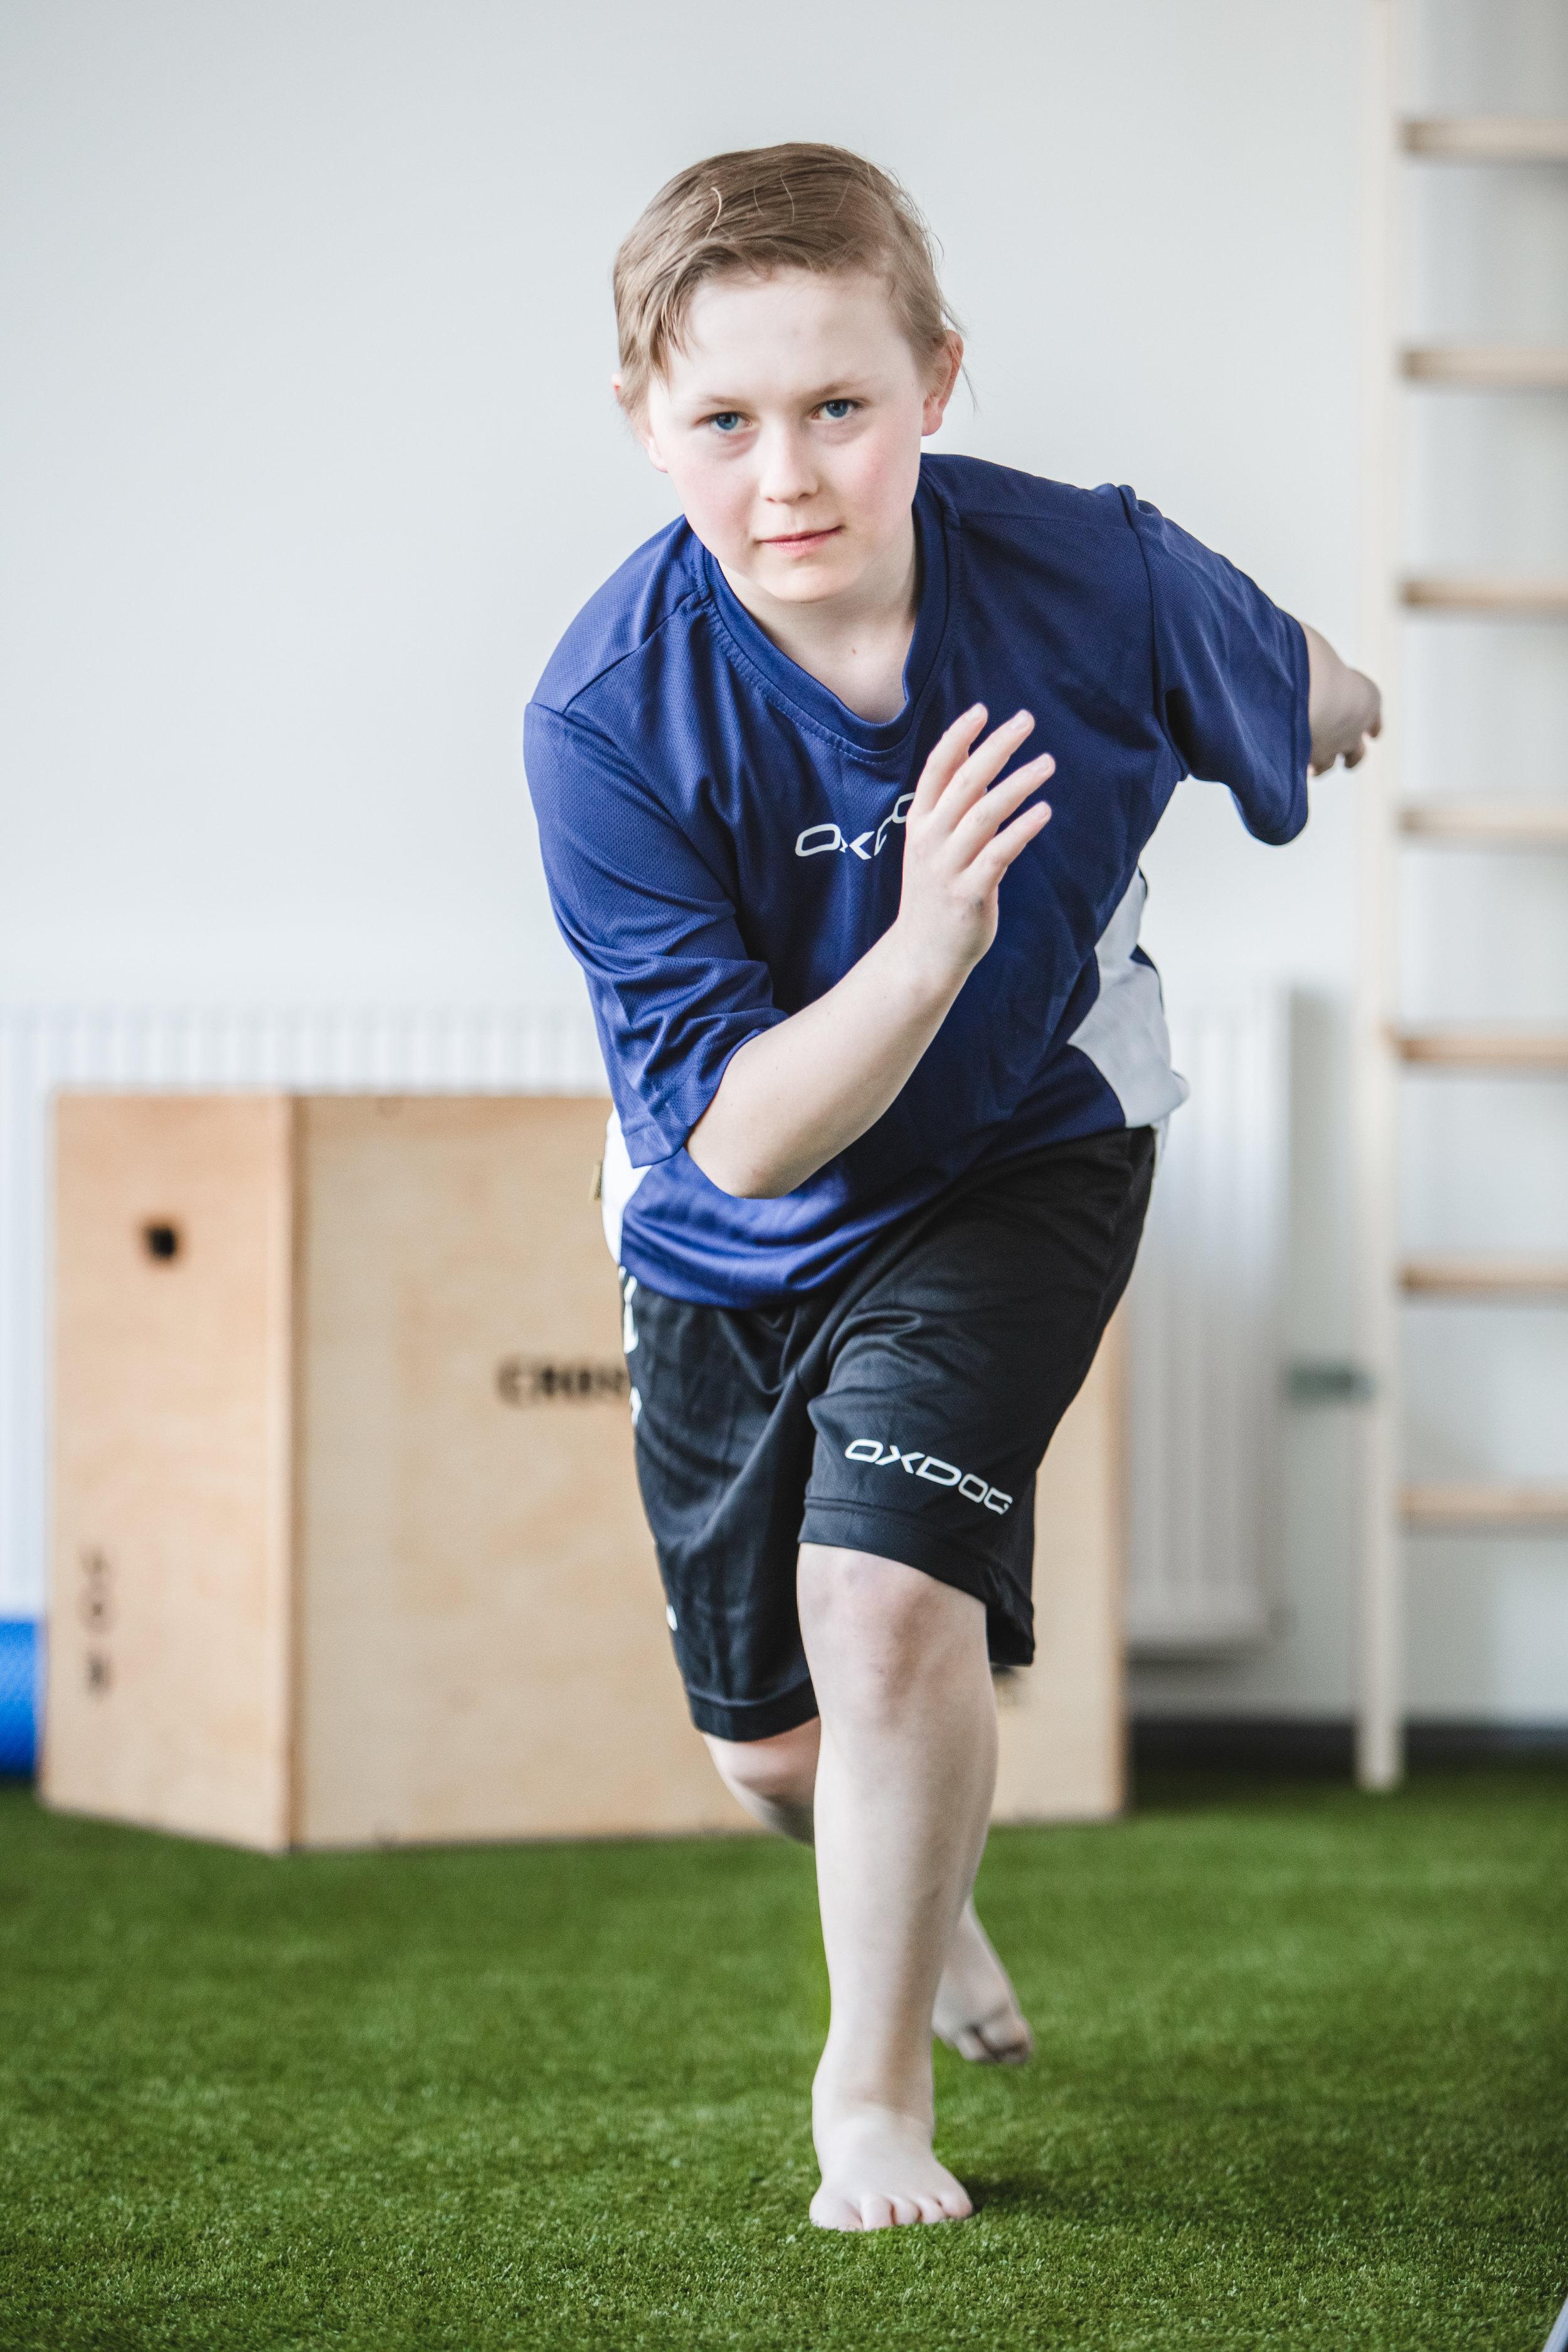 - 1. Käynti 60min: Tavoitteiden kartoitus ja liikkumistaitojen testausAlkukeskustelu urheilijan kanssa, jossa selvitellään aikaisempia vammoja, nykyisiä ongelmia ja tulevaisuuden tavoitteita. Fysioterapeutti suorittaa kehon eri osa-alueita analysoivan testipatteriston urheilijalle, jossa tutkitaan muun muassa liikkuvuutta, lihasaktivaatiota, koordinaatiota, motoriikkaa sekä kehon- ja liikkeenhallintaan. Testien sisältö laaditaan urheilijan ikä, sukupuoli ja laji huomioiden. Urheilija saa osa-alueittain pisteytetyn testilomakkeen itselleen2. Käynti 45min: Testeihin perustuvat yksilölliset harjoitteet, ohjaus ja harjoitteet videoituna urheilijan tueksiToisella käyntikerralla urheilijalle ohjataan hänelle suunnatut kehityskohteita kehittävät harjoitteet. Urheilijalle saa tuekseen videoidut harjoitteet ja ohjeet niiden tekemiseen. Harjoitteet soveltuvat kotiharjoitteluun, oheisharjoitteluun tai verryttelyyn. Testitulokset tilastoidaan ja urheilija saa yhteenvedon mahdollisia tulevaisuuden testauksia varten.